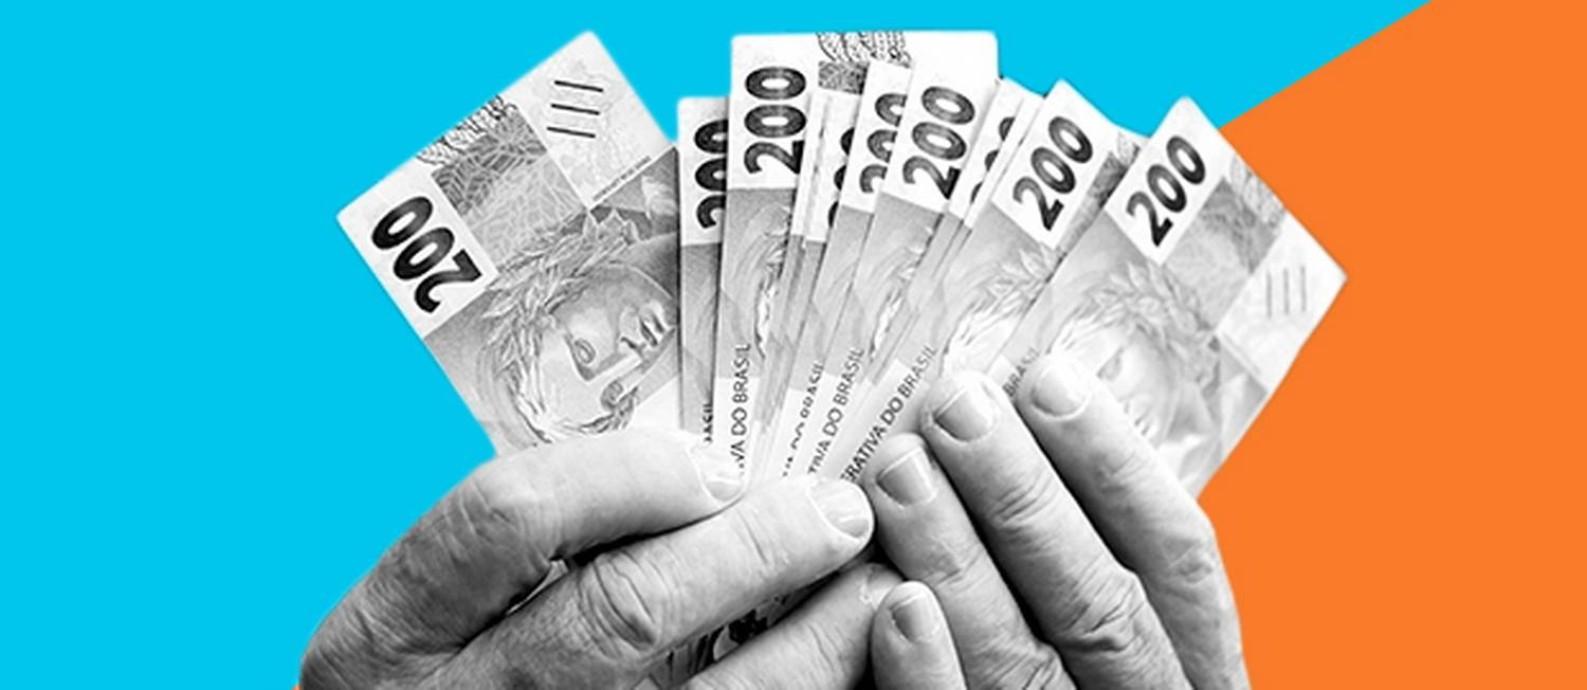 Saiba o que pensam os candidatos do Rio sobre a crise financeira do Estado Foto: ARTE/OGLOBO